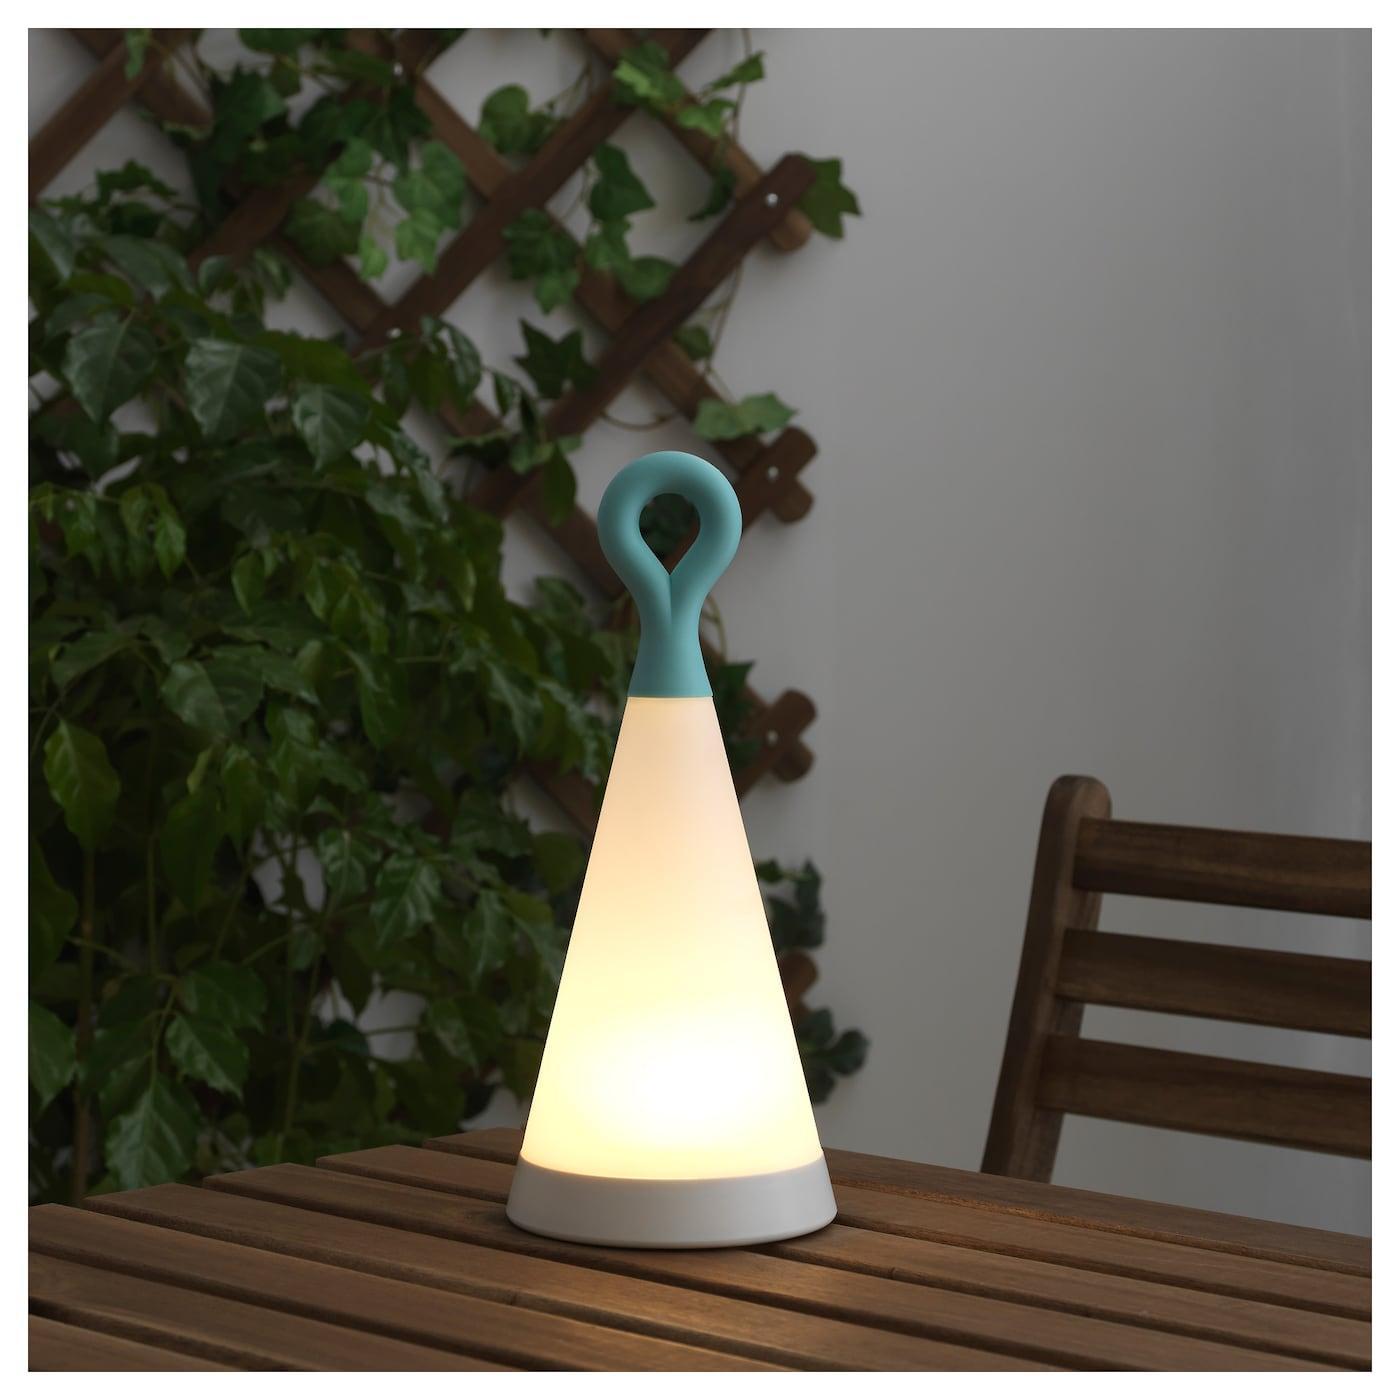 solvinden lampe table nerg sol led triangle bleu blanc 30 cm ikea. Black Bedroom Furniture Sets. Home Design Ideas